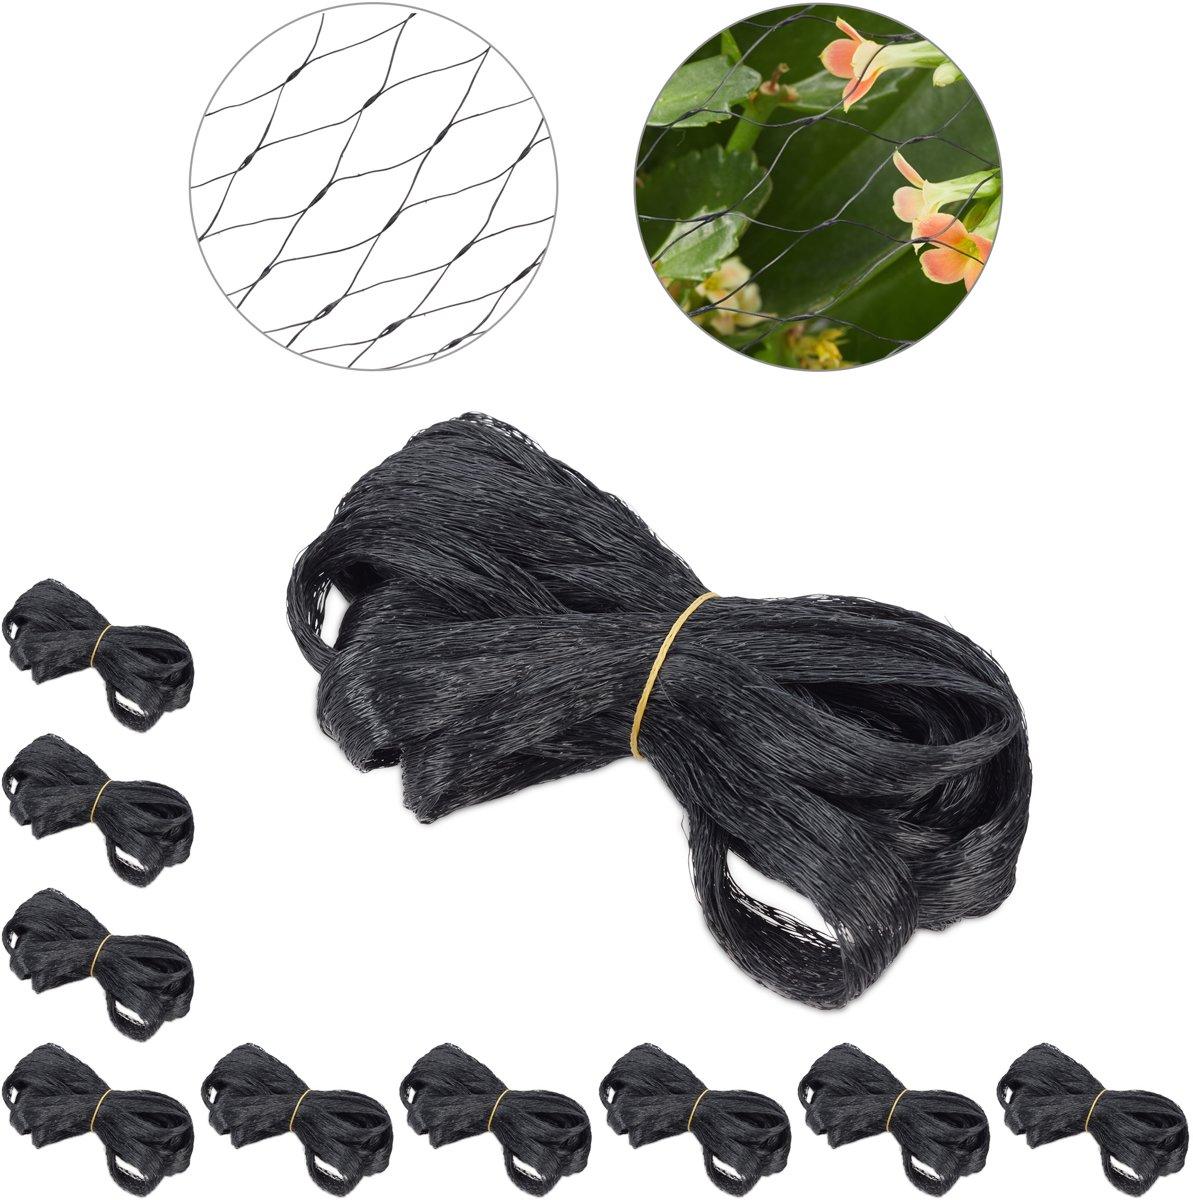 relaxdays 10 x vogelnet - vijvernet - kleine maaswijdte - anti-vogelnet - zwart - 5 x 4 m kopen